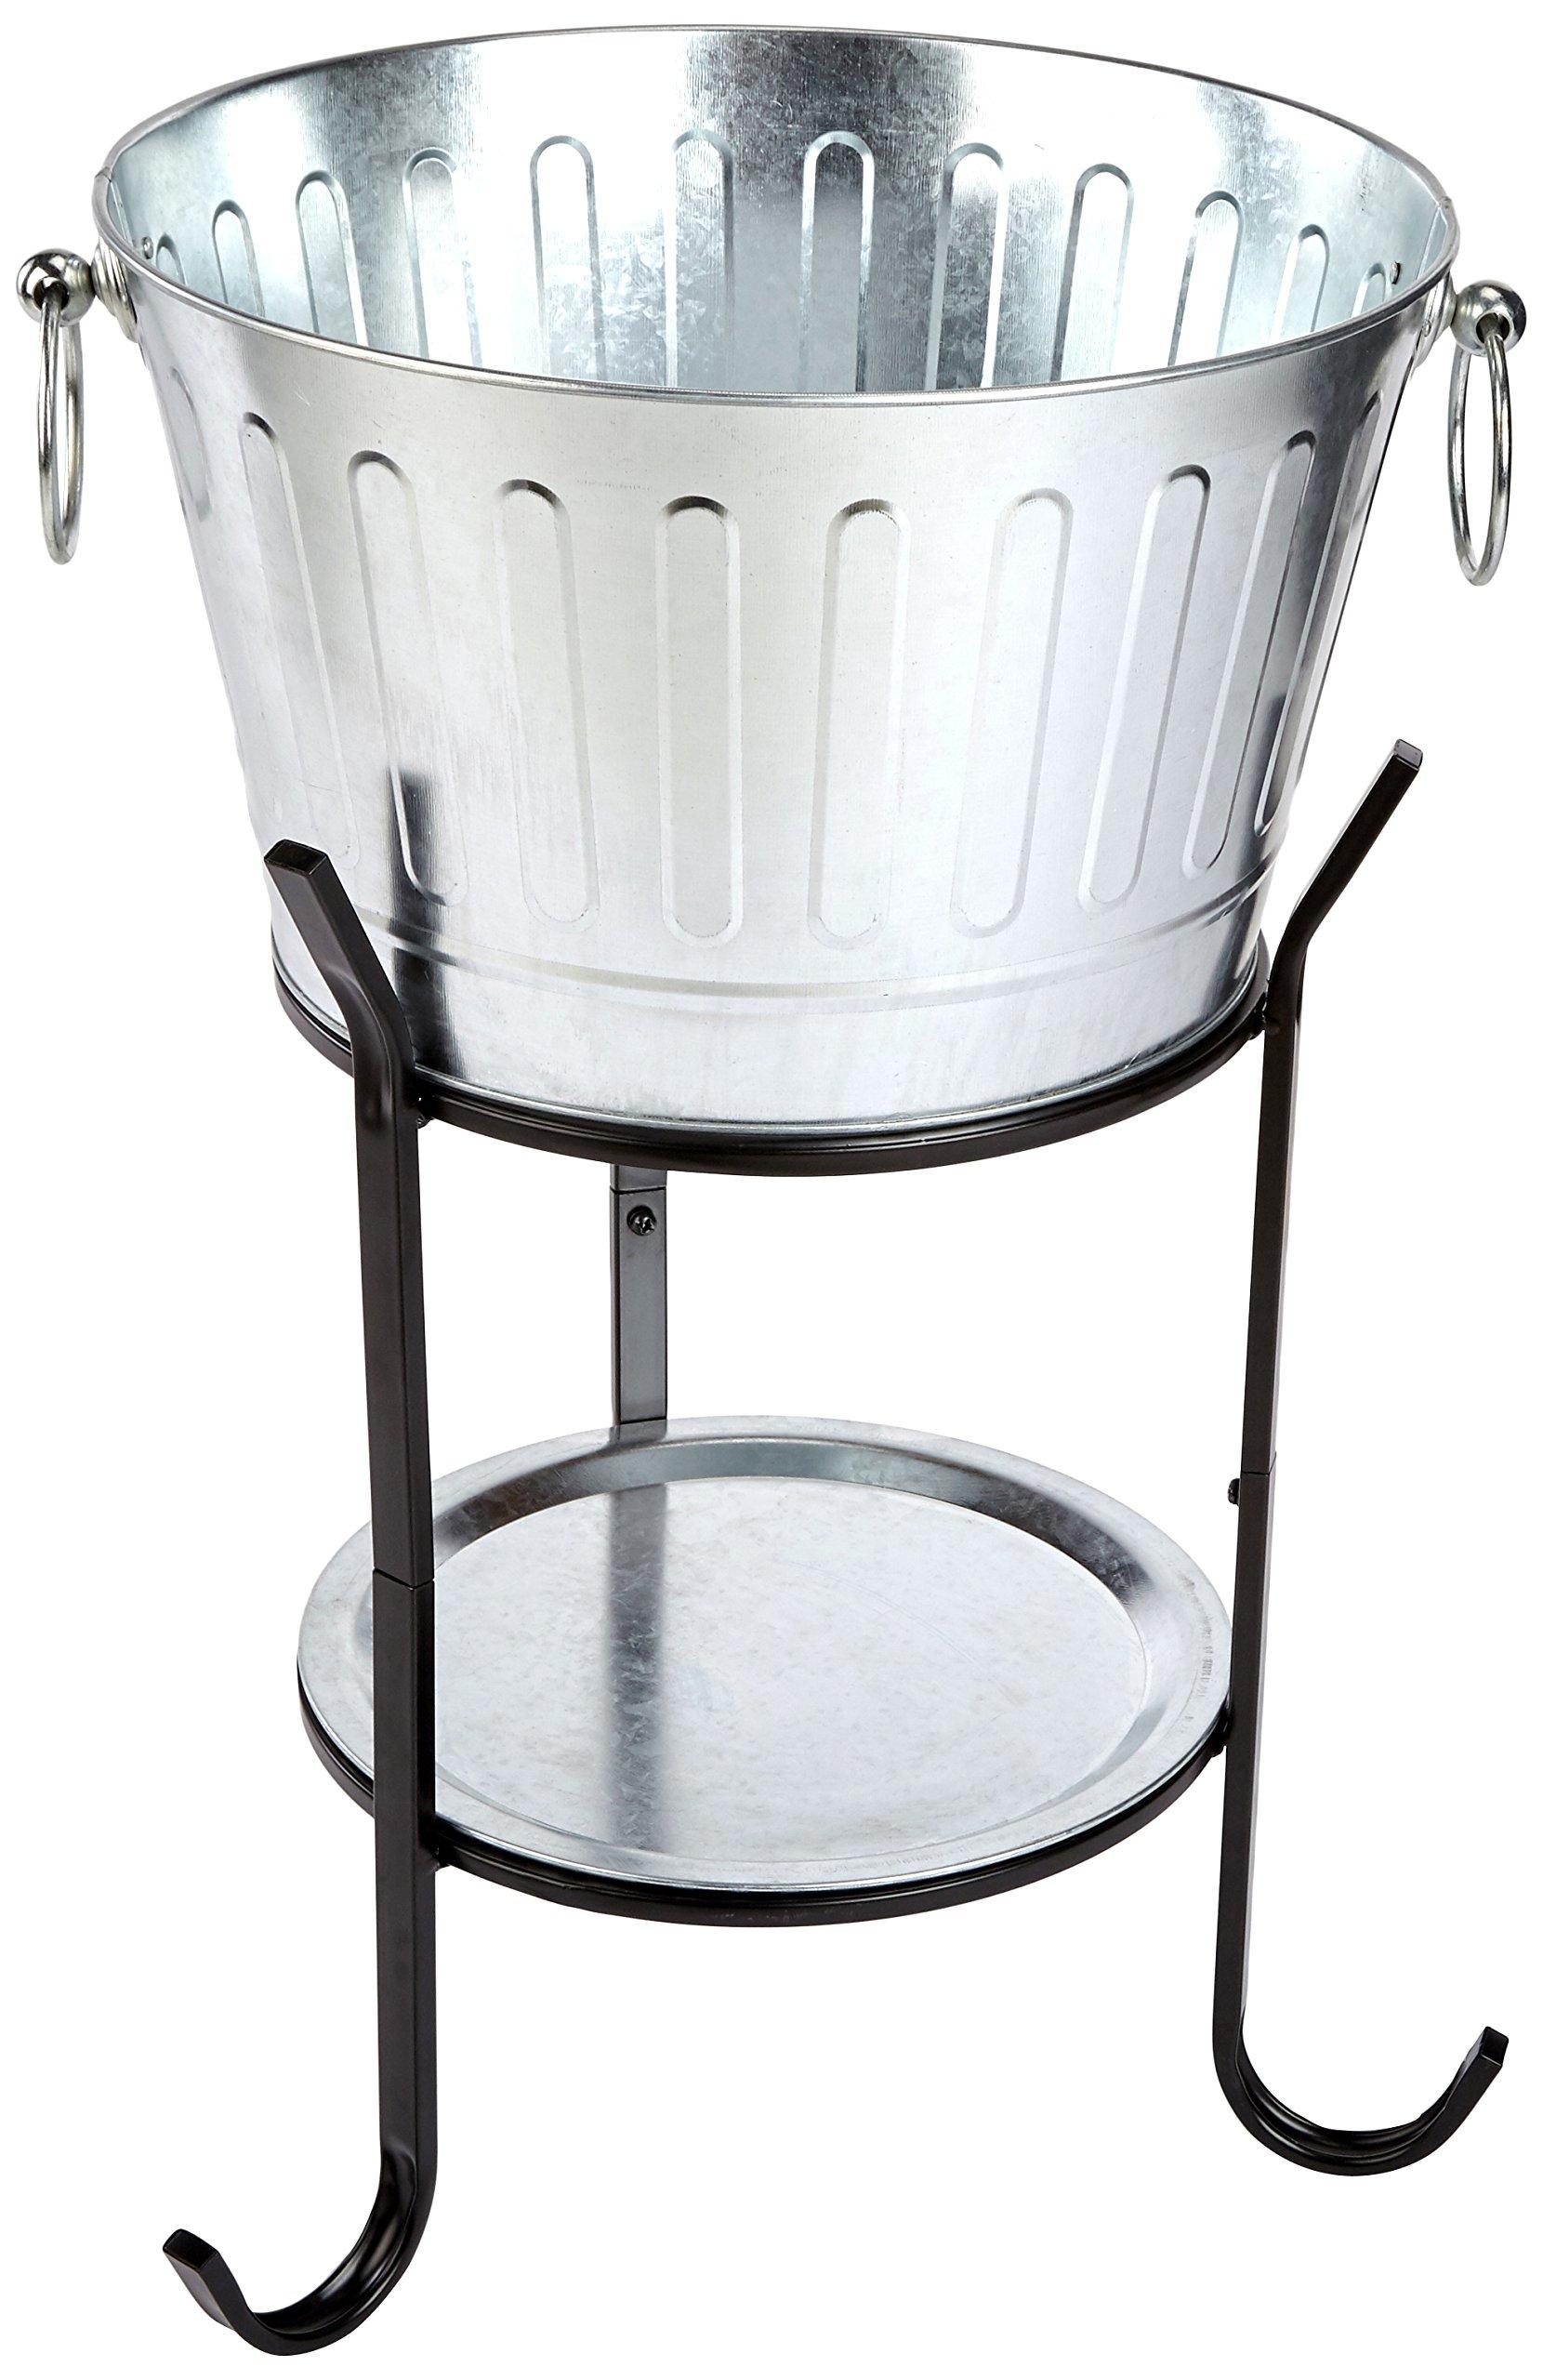 Sunjoy Party Beverage Tub, Cooler